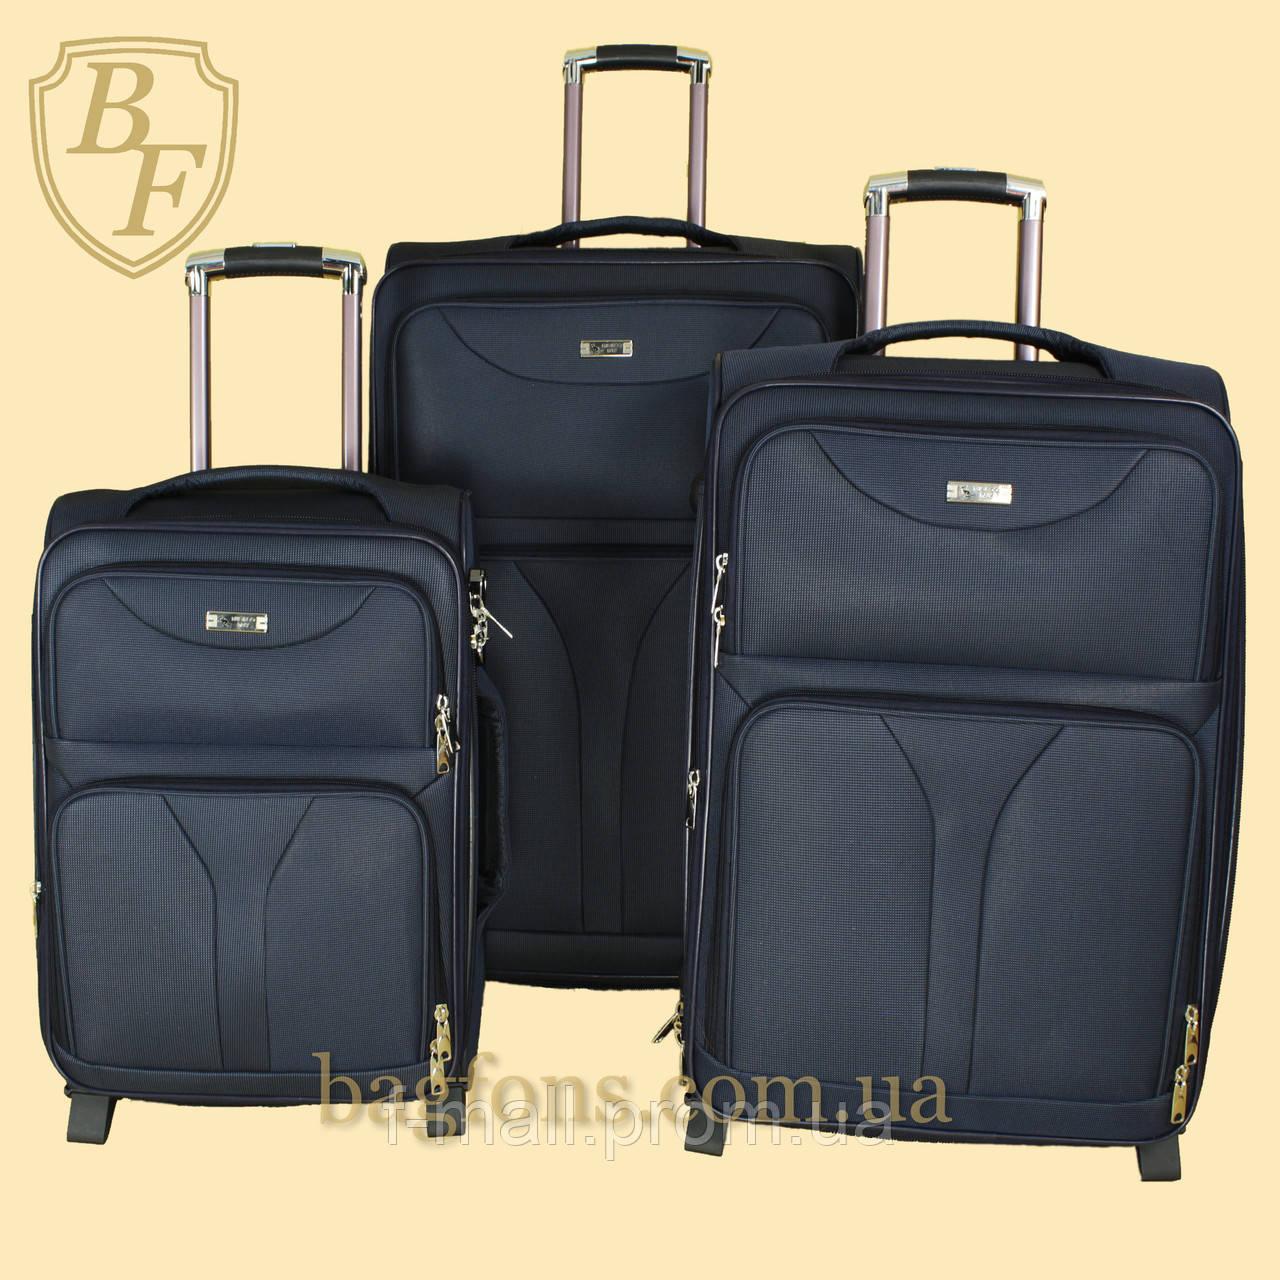 1c9dbf798191 Комплект из 3-ех чемоданов RUIQiROO, цена 2 180 грн., купить в ...